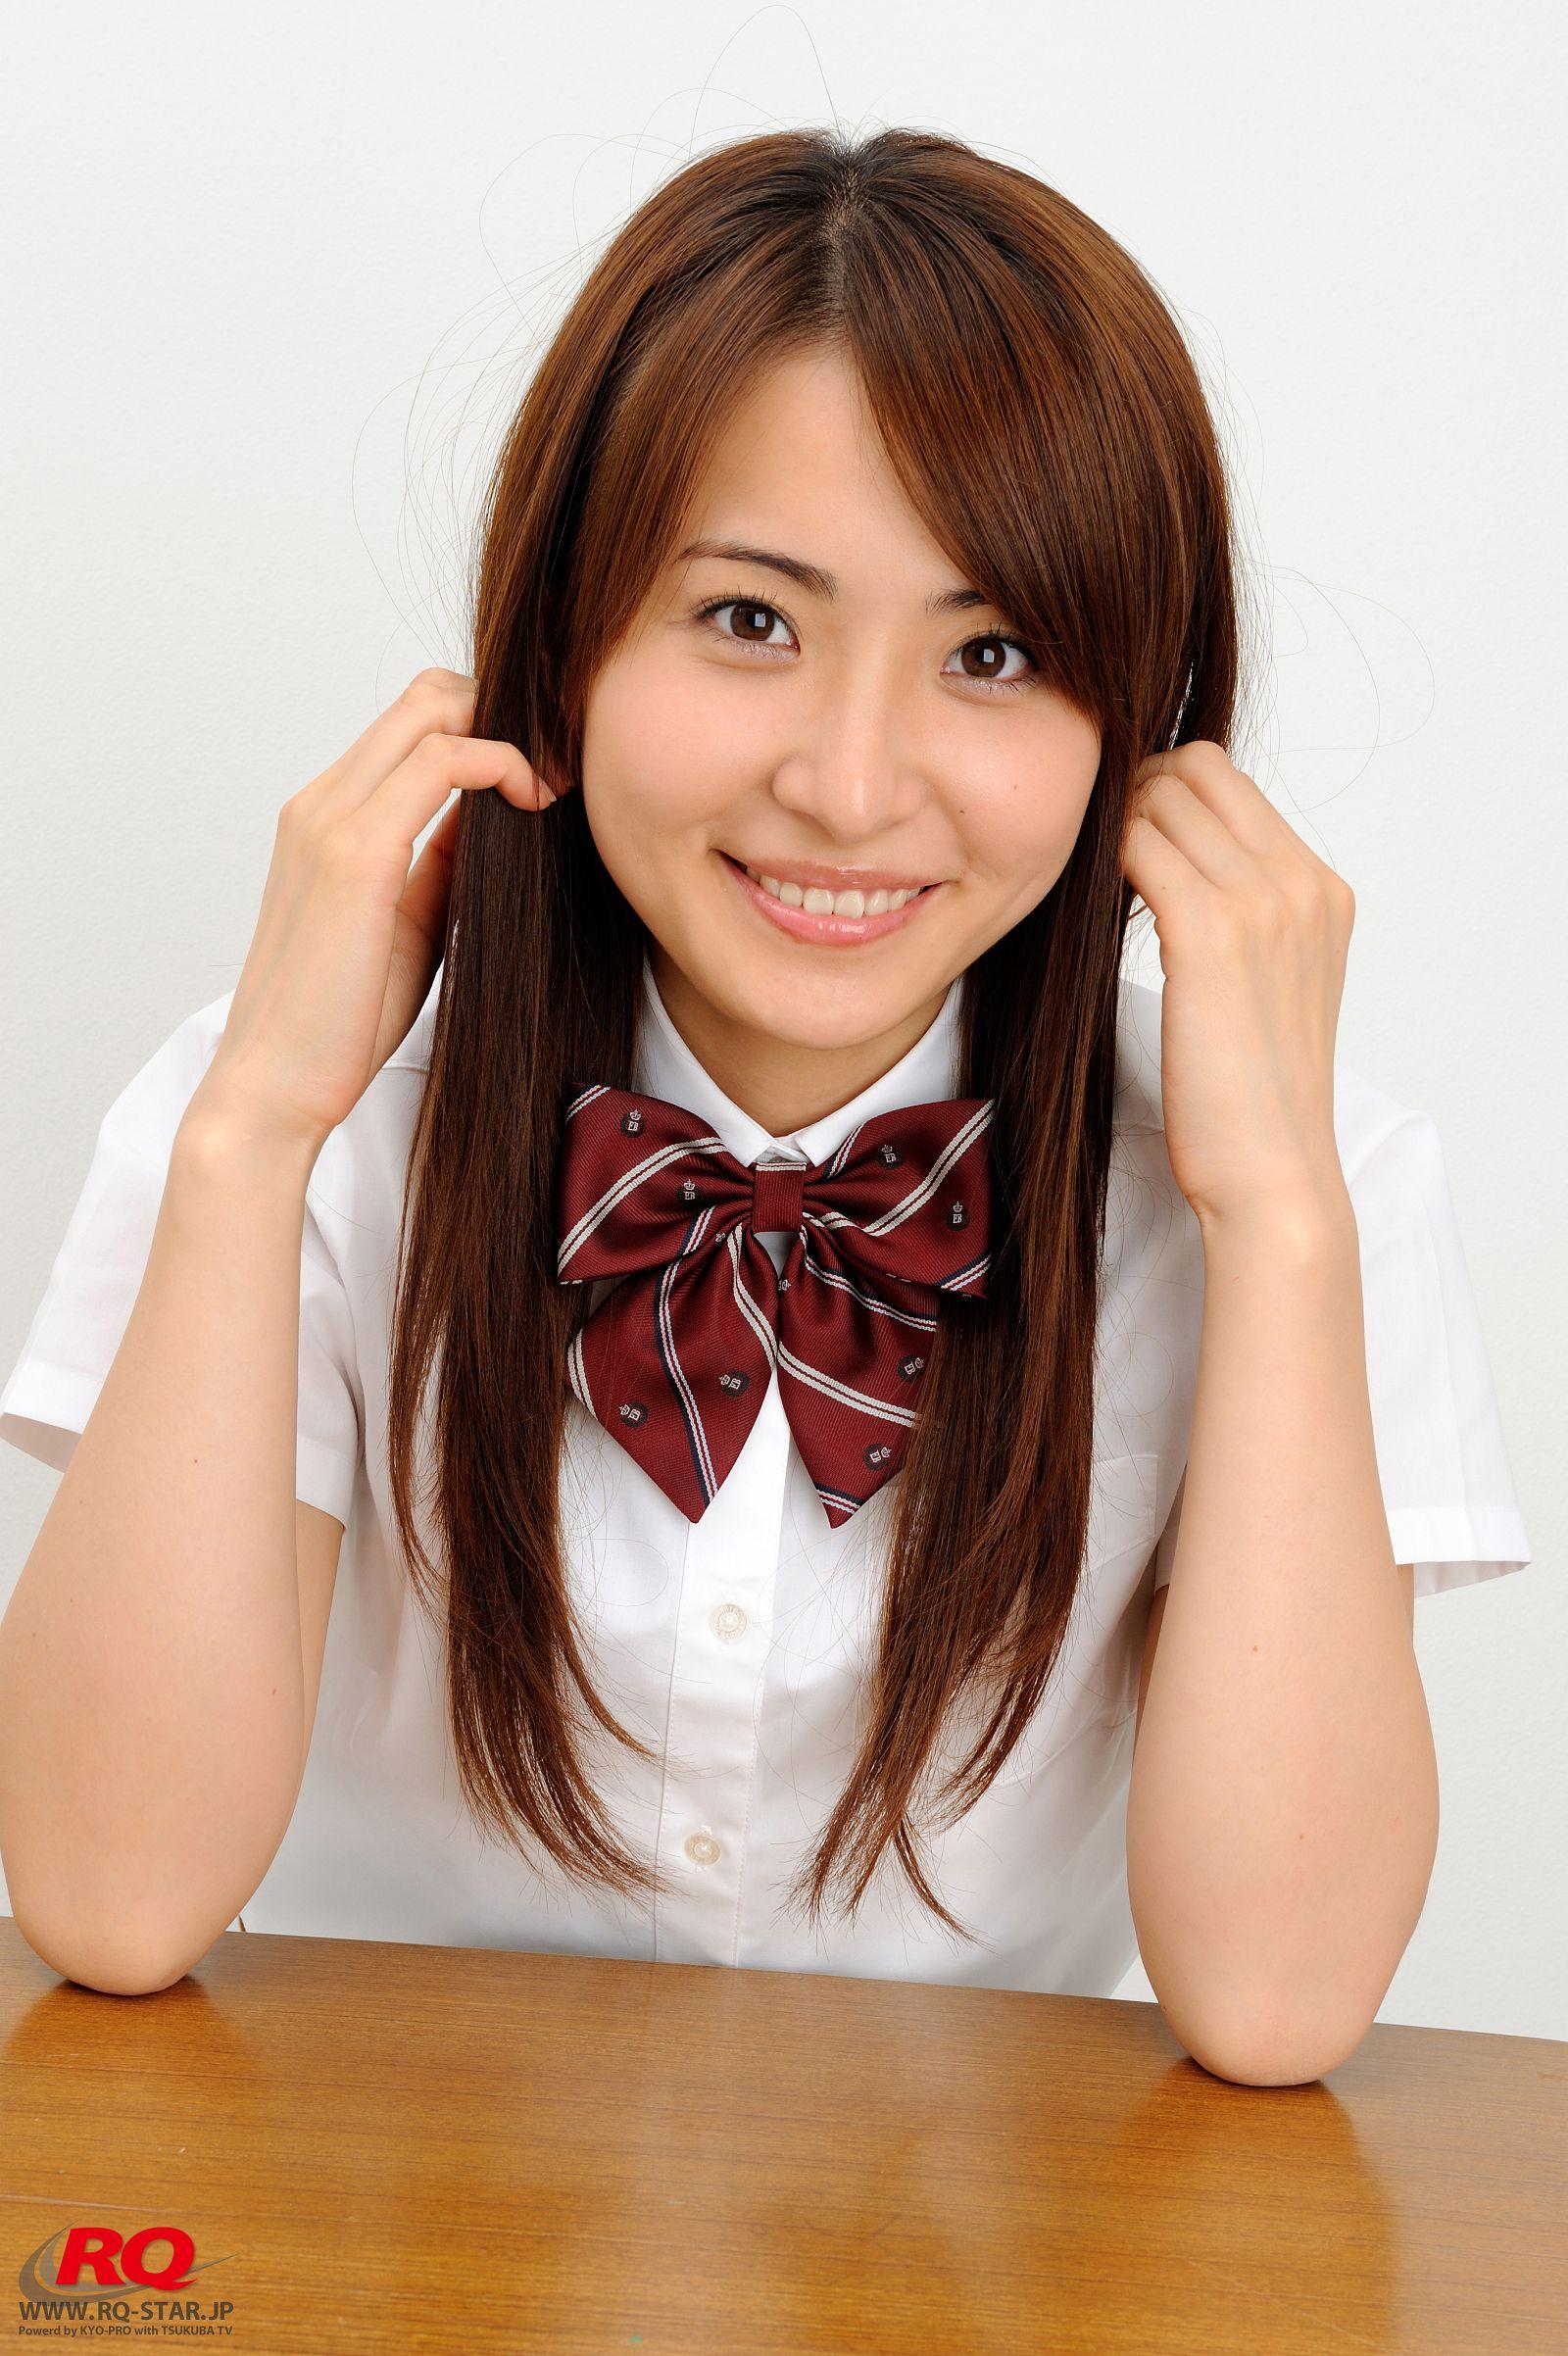 [RQ STAR美女] NO.01155 Rena Sawai 澤井玲菜[56P] RQ STAR 第4张